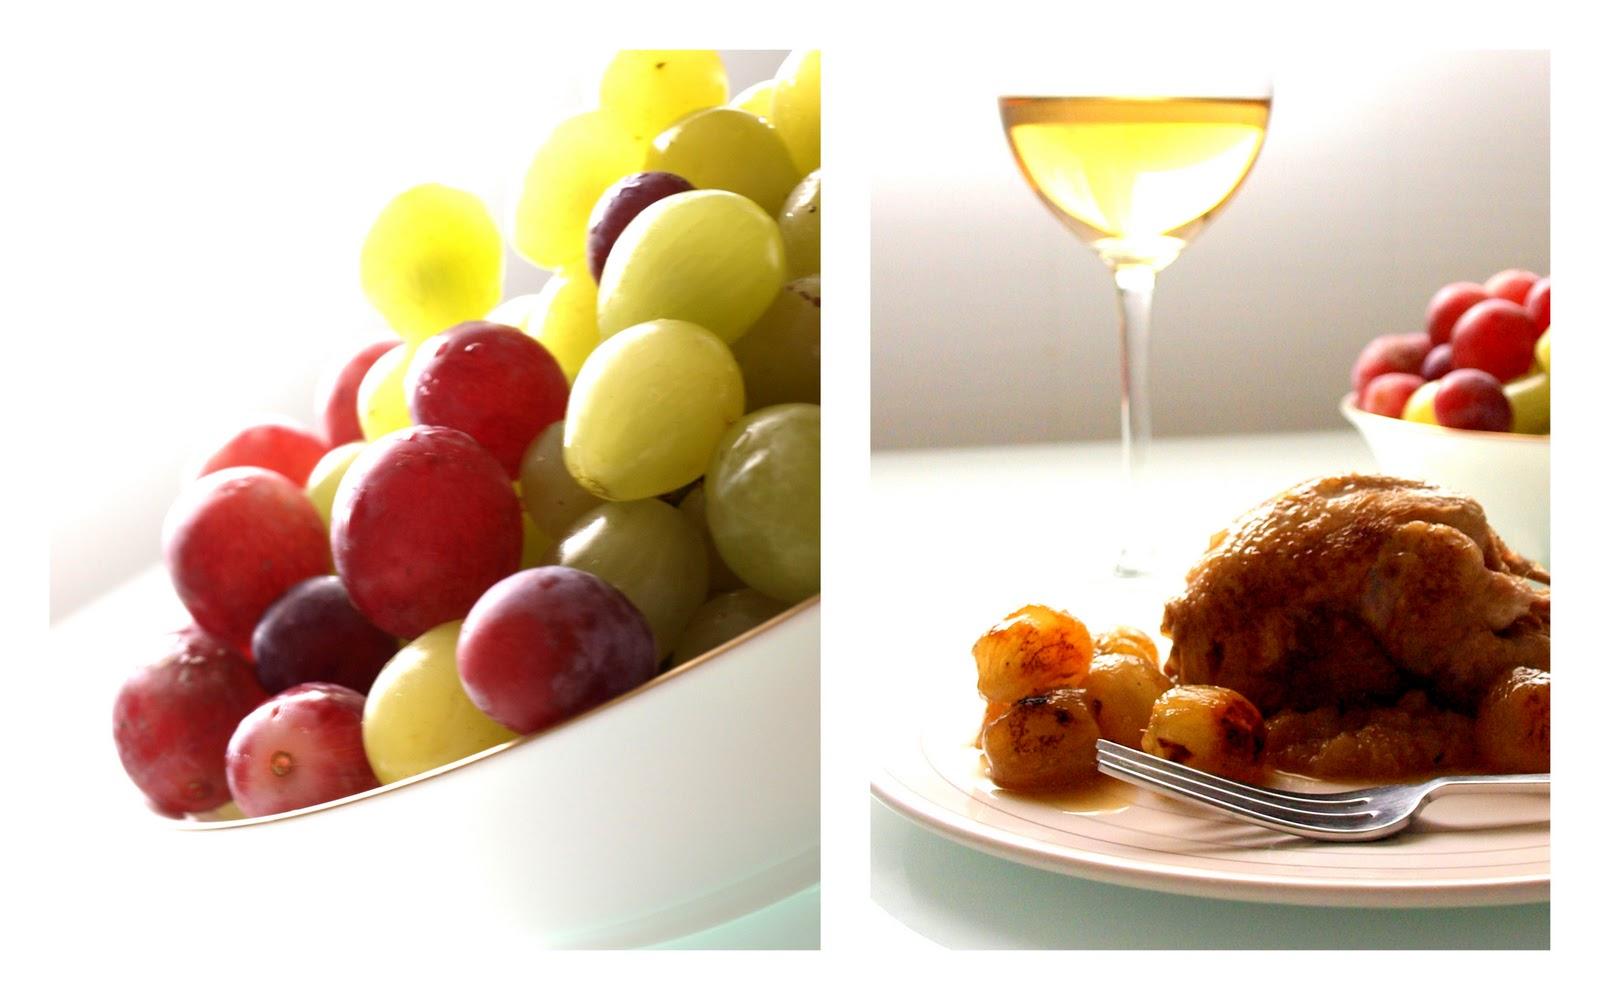 Perdices con uvas